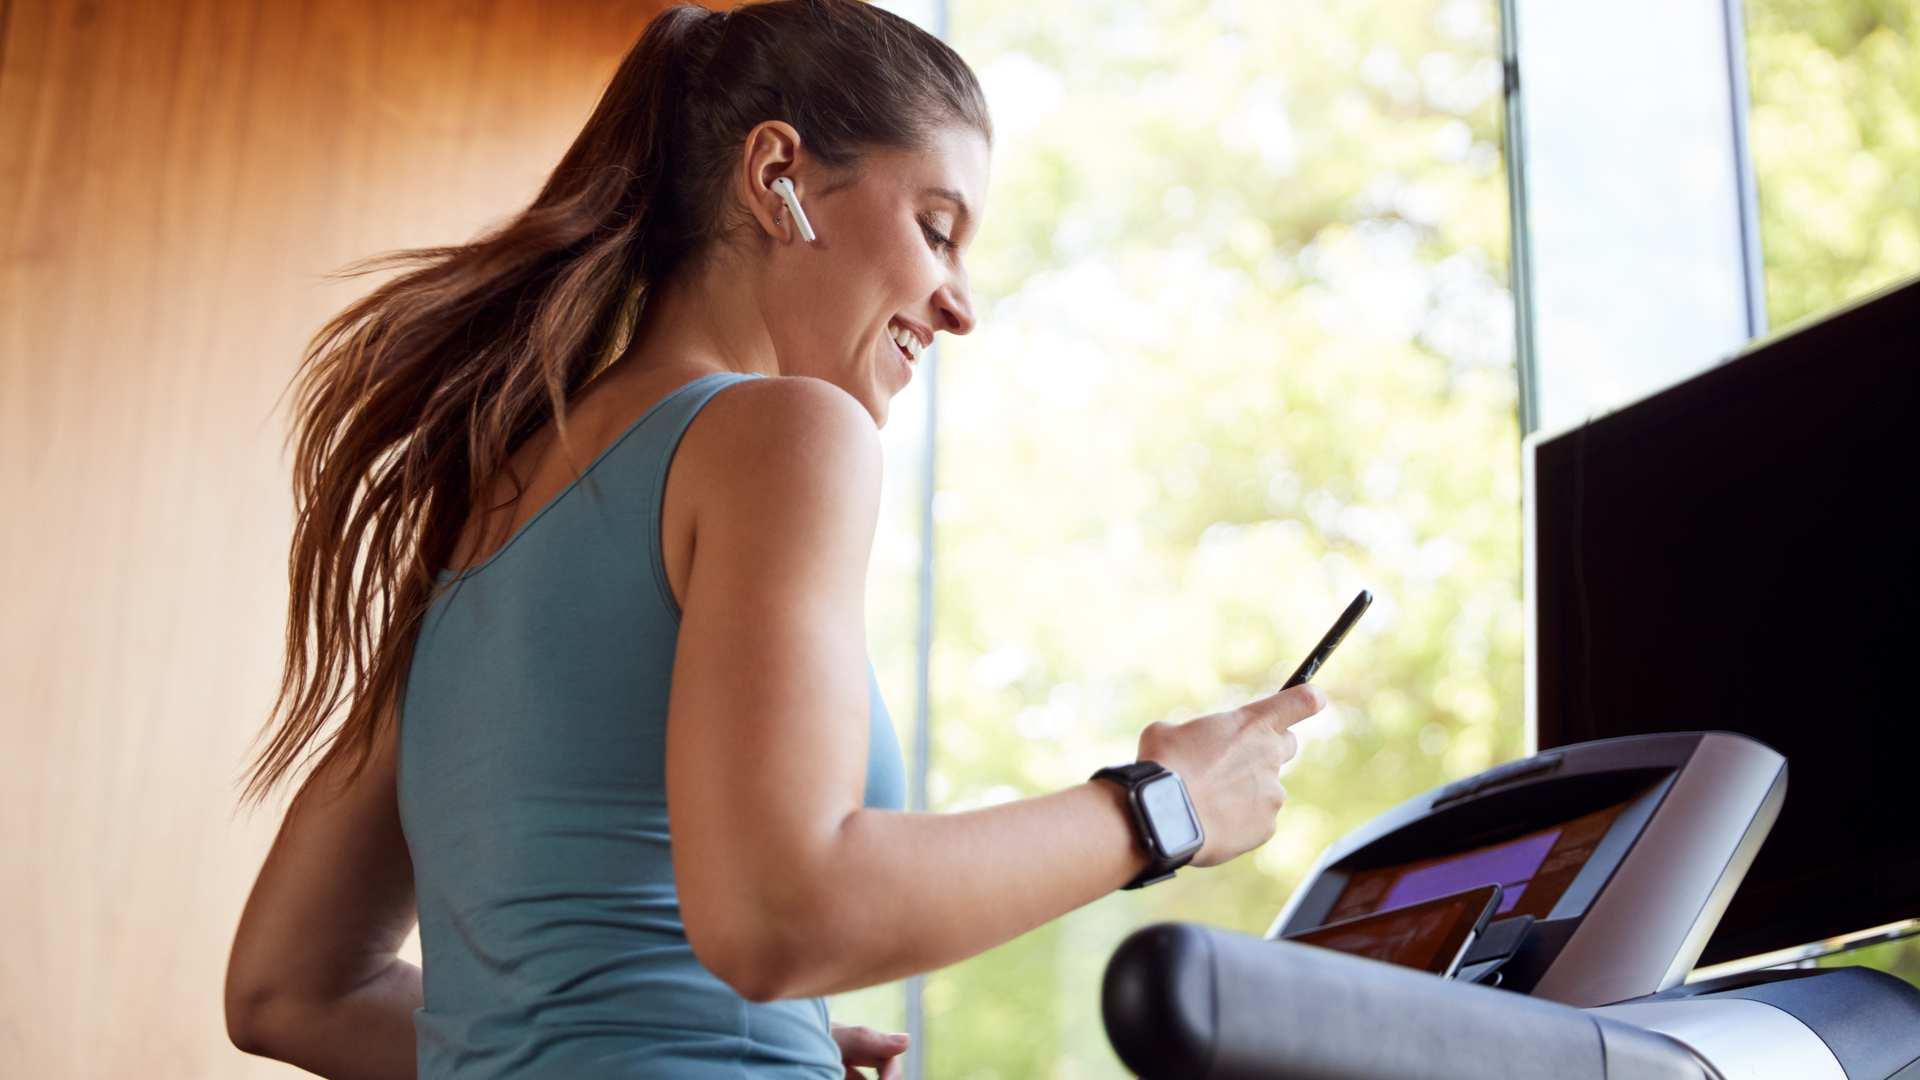 Mulher correndo na esteira em casa e mexendo no celular